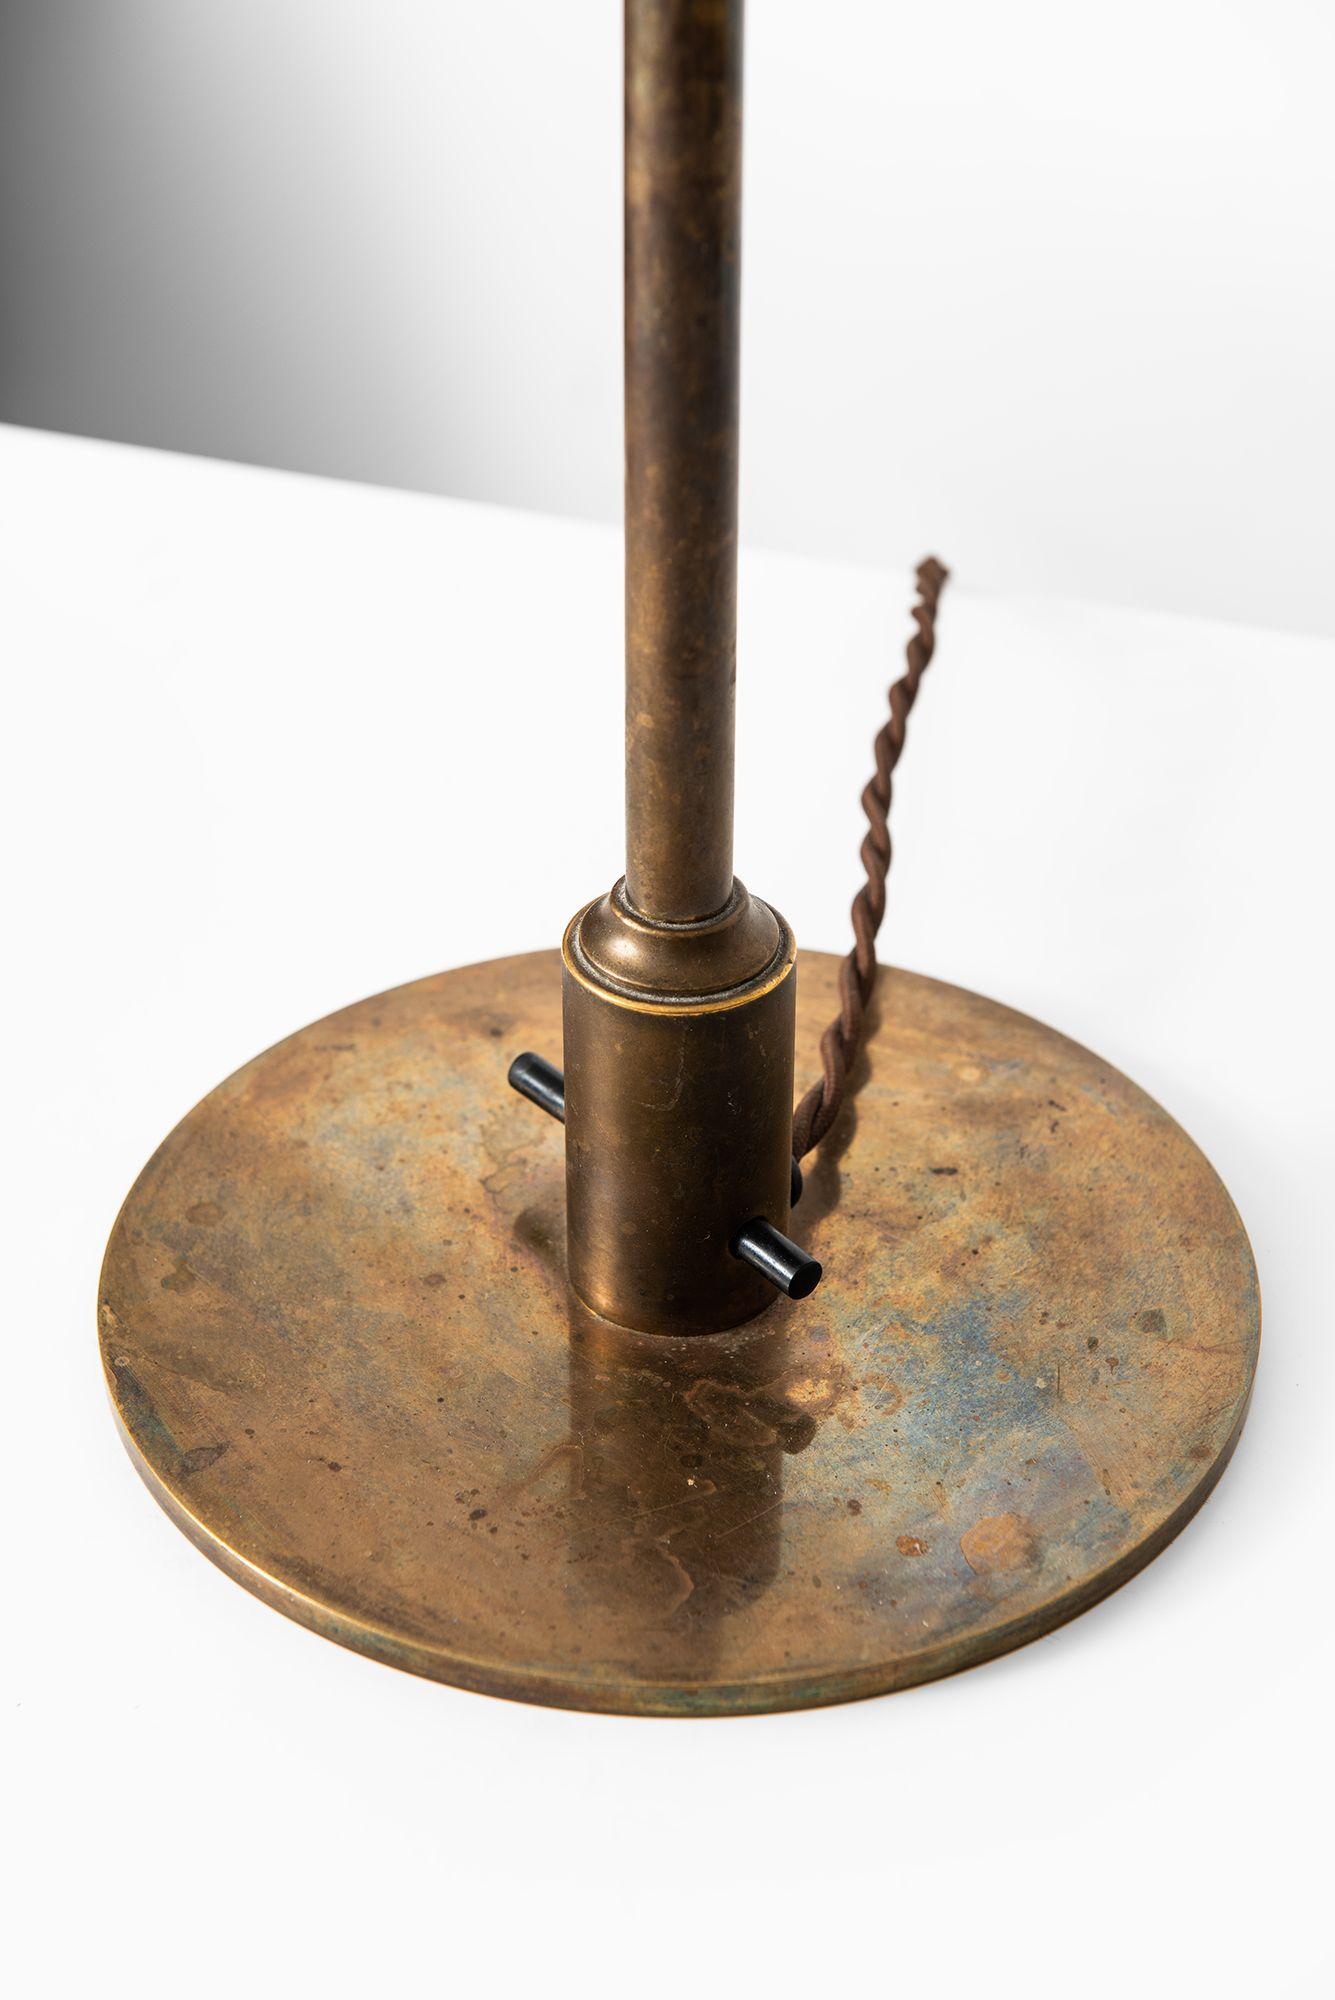 Poul henningsen ph table lamp studio schalling pinterest